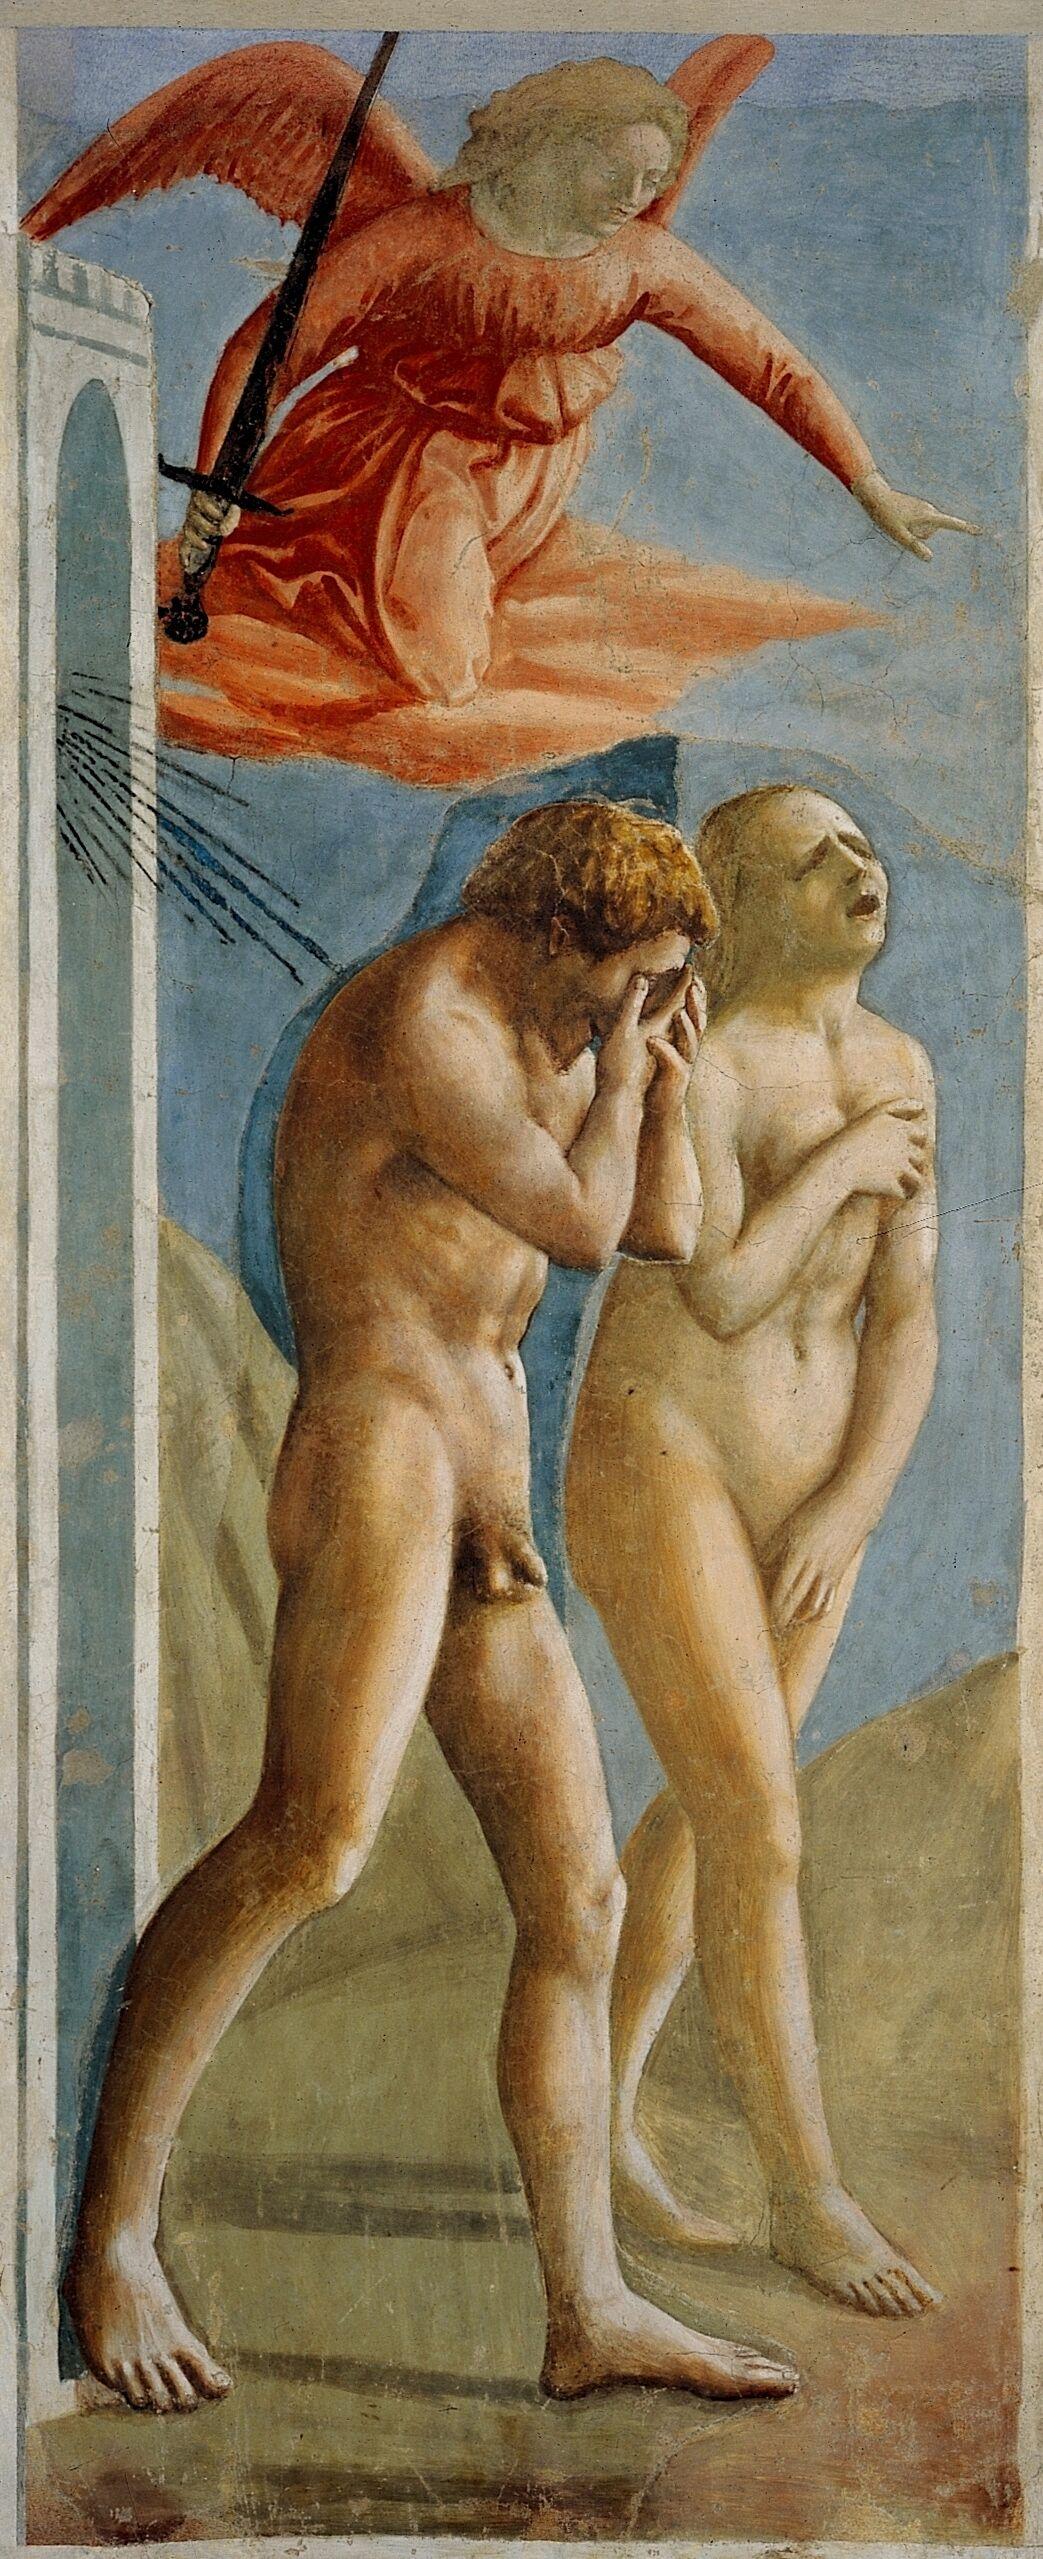 Masaccio, Expulsion from the Garden of Eden, ca. 1427. Image via Wikimedia Commons.